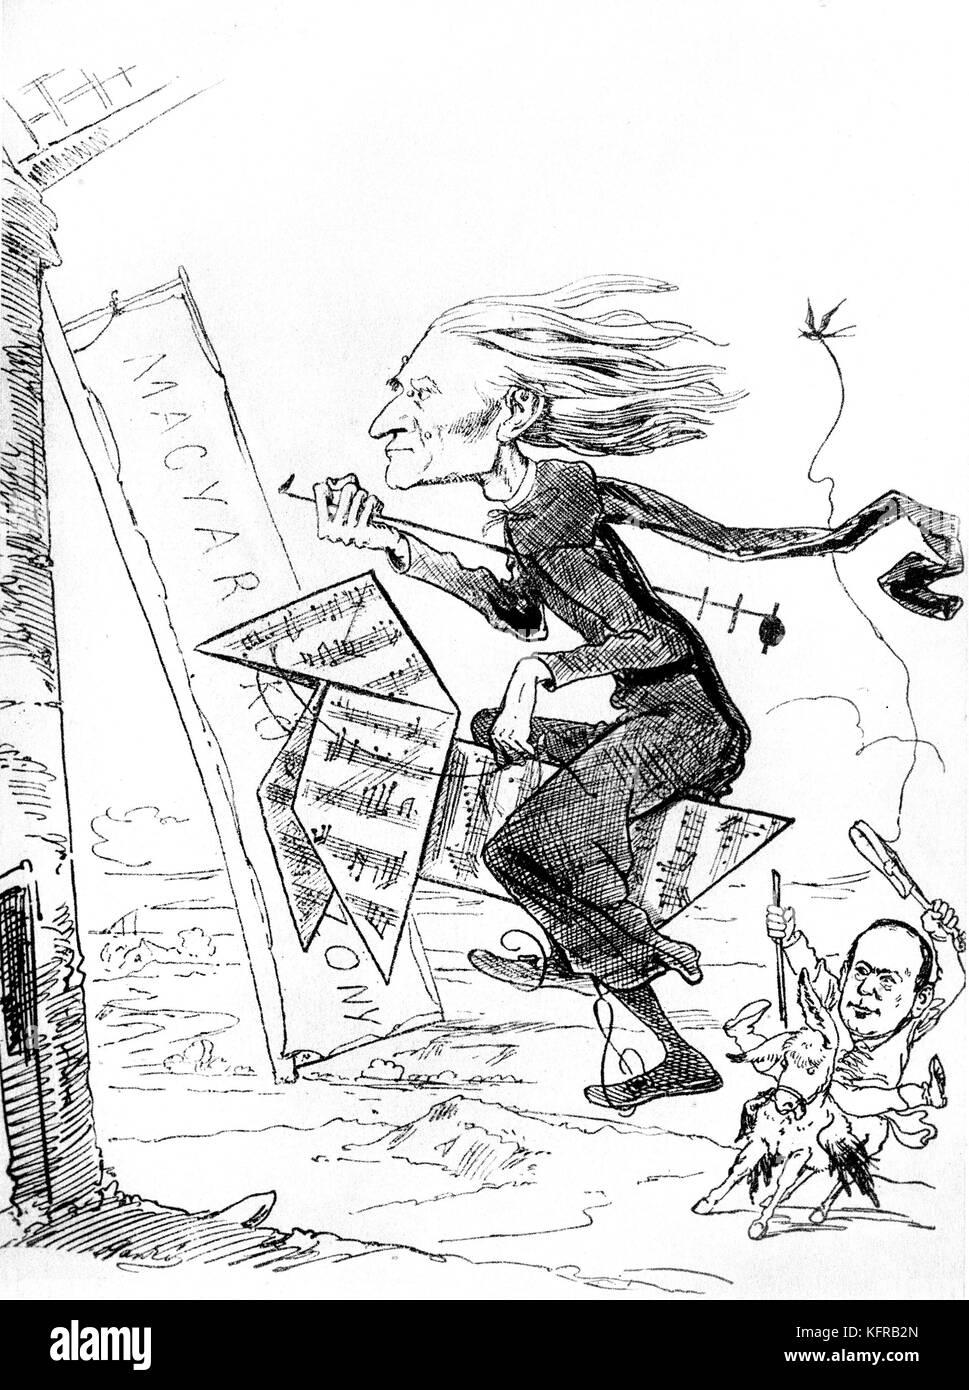 Franz Liszt - caricature, moulins à vent, par Janko, publié dans Borsszem Janko, 18 décembre 1870. Liszt comme Don Banque D'Images